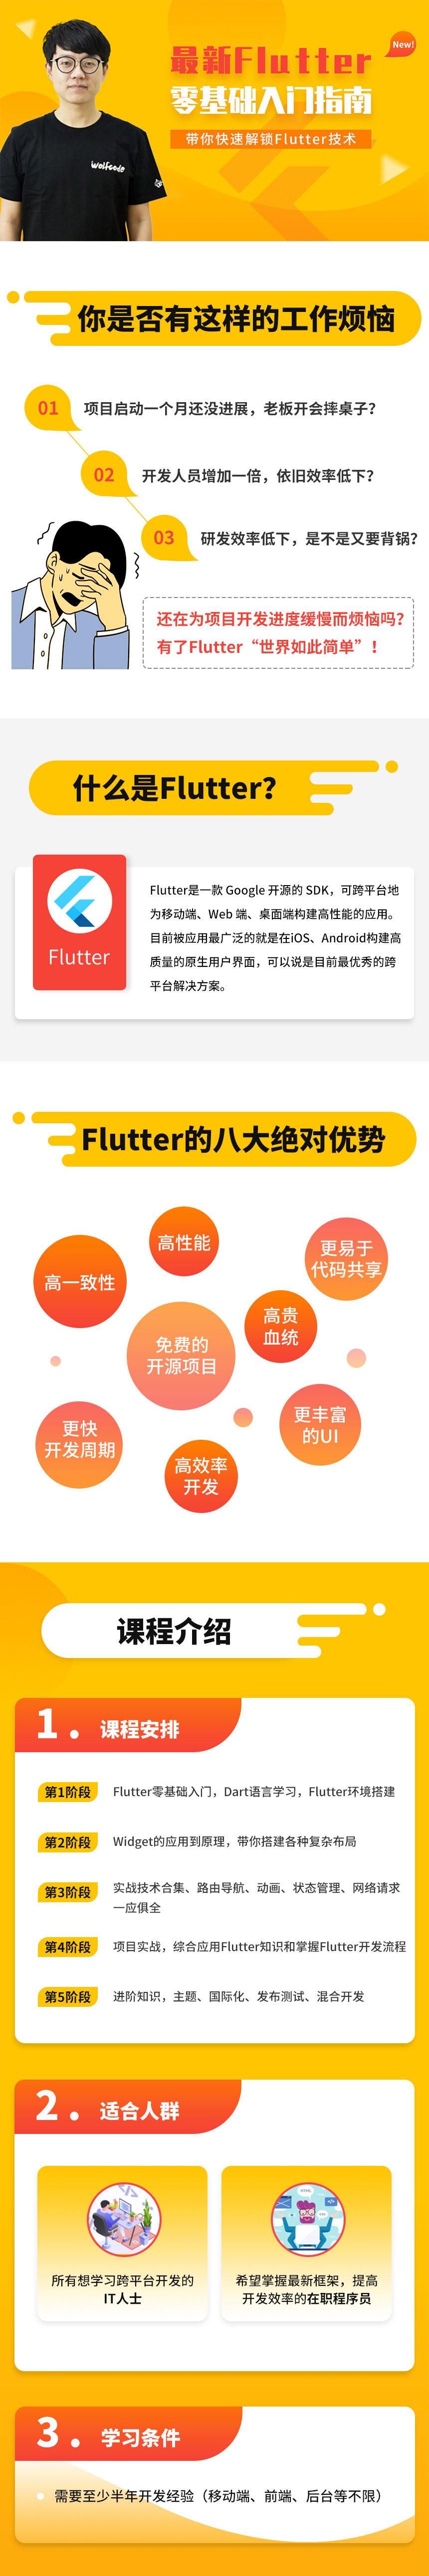 小码哥Flutter零基础入门指南 快速解锁Flutter技术